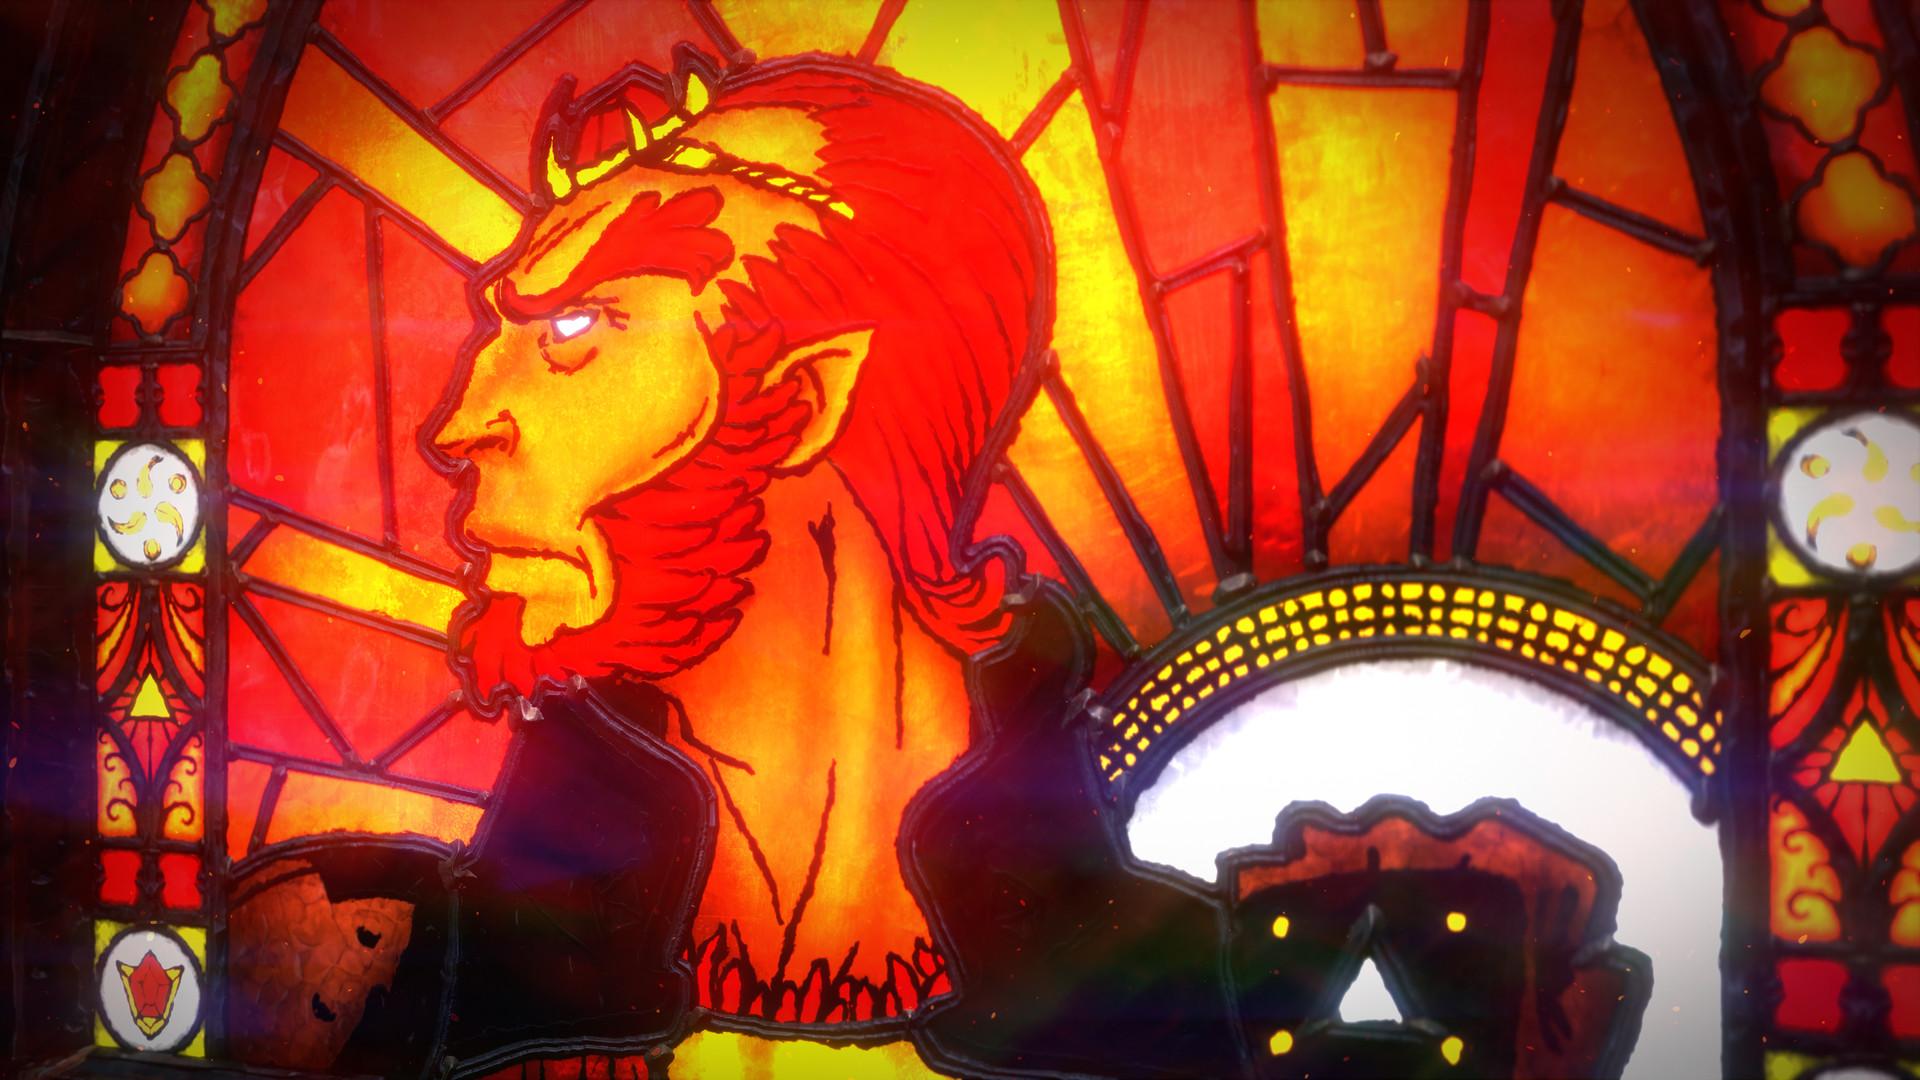 Vincent derozier 10 stainedglass 04